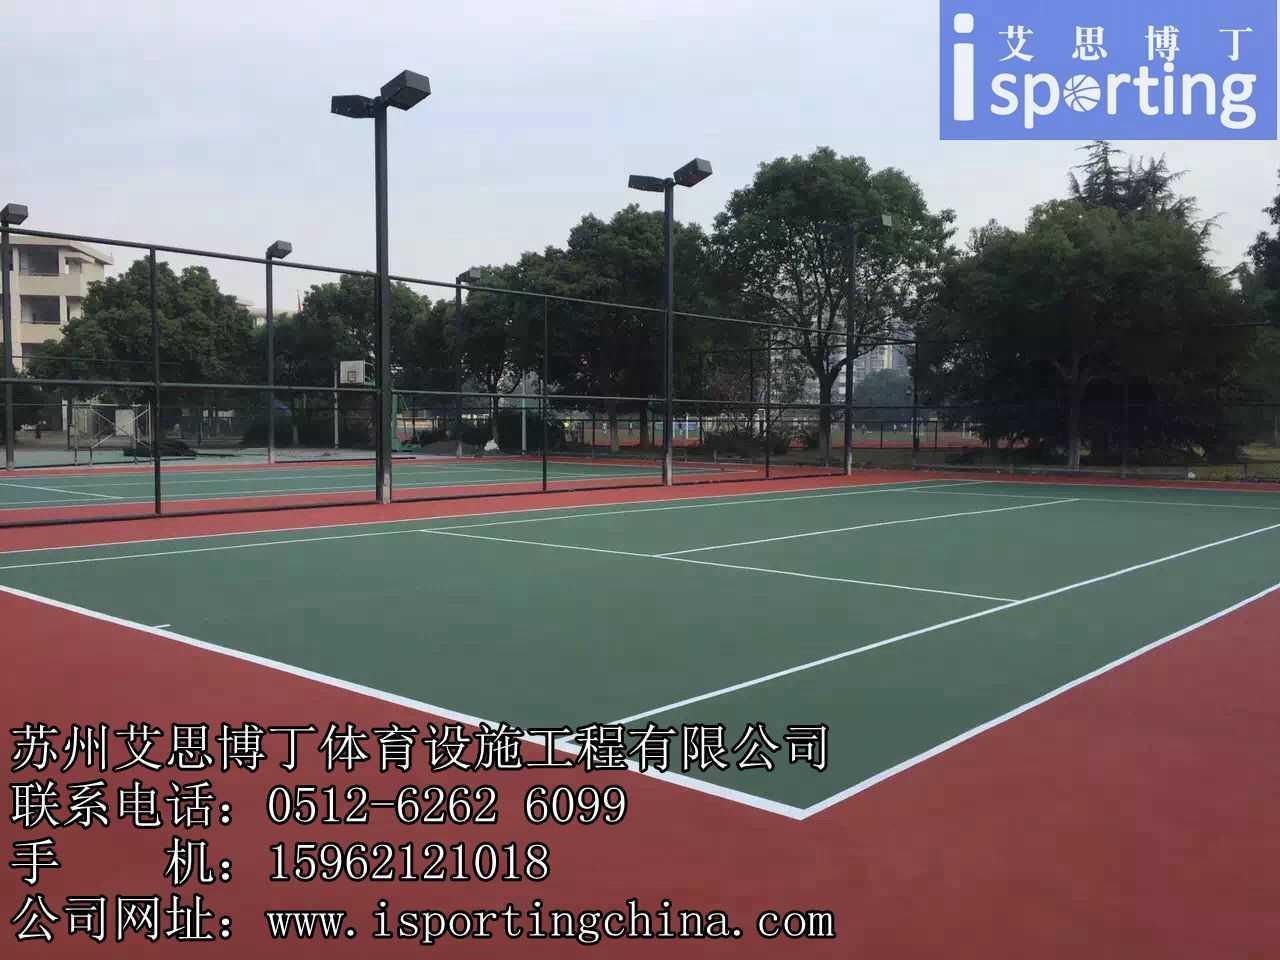 南通海门启东EPDM塑胶网球场、南通海门启东硅PU网球场、南通海门启东丙烯酸网球场工程施工